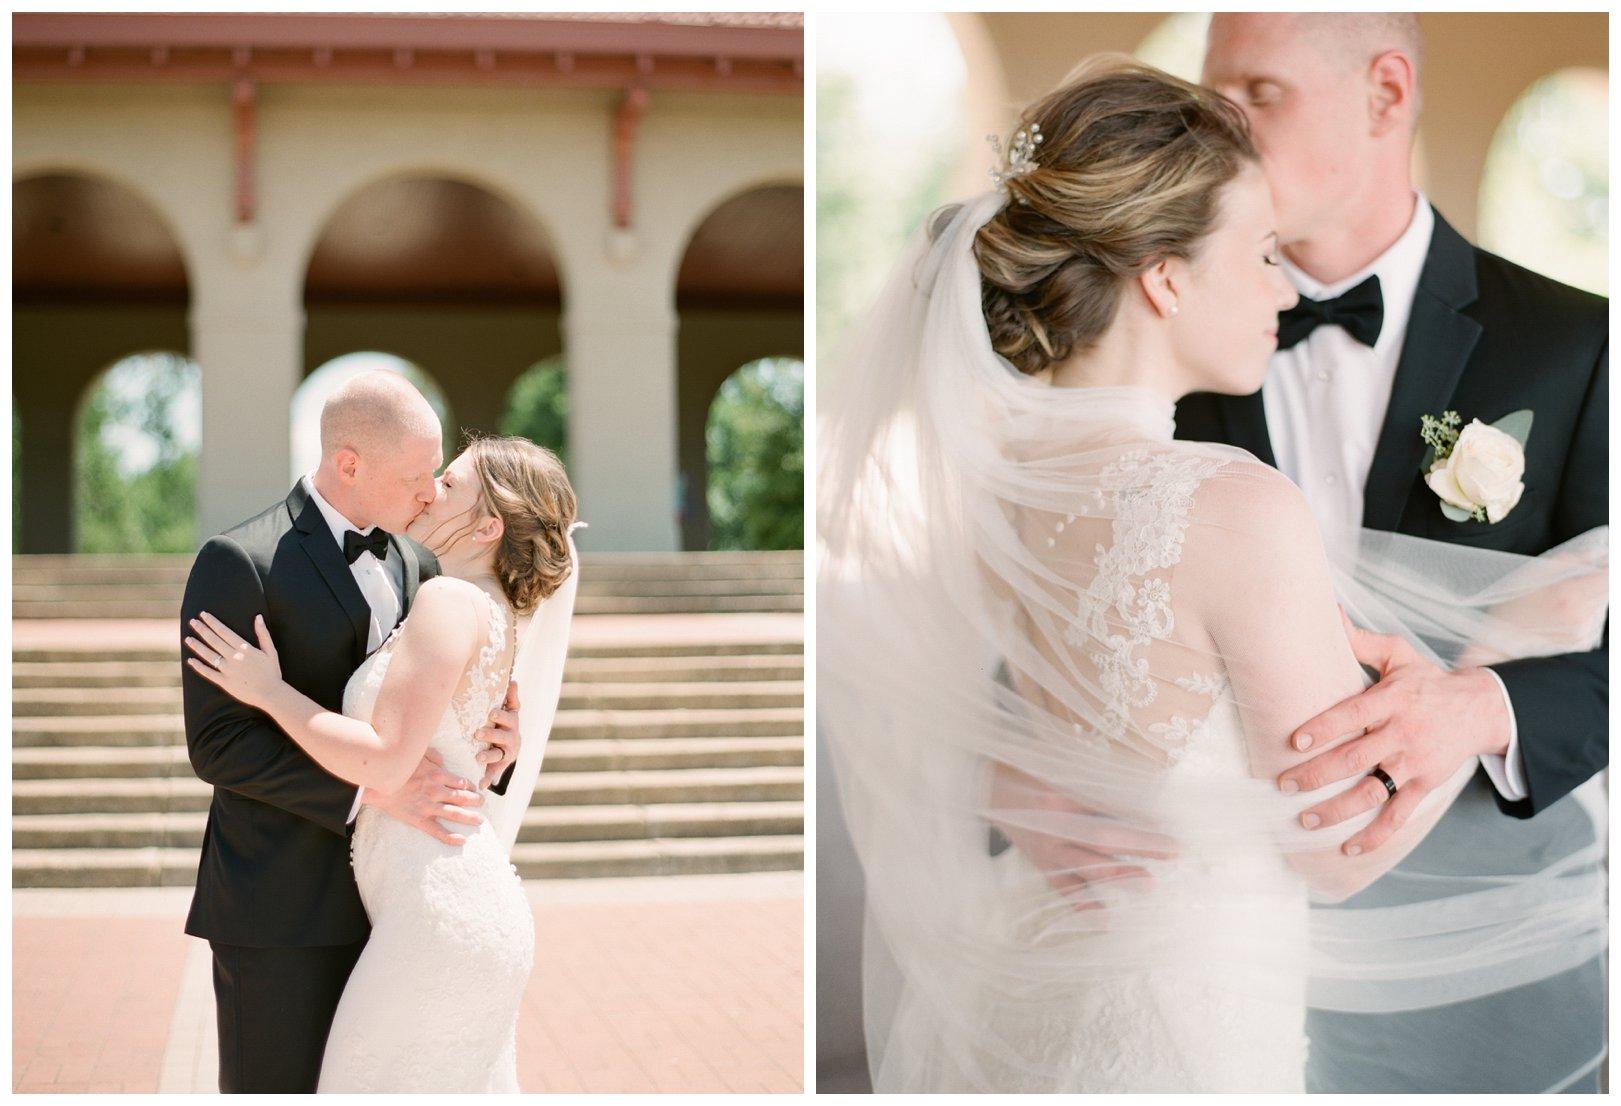 lauren muckler photography_fine art film wedding photography_st louis_photography_1314.jpg